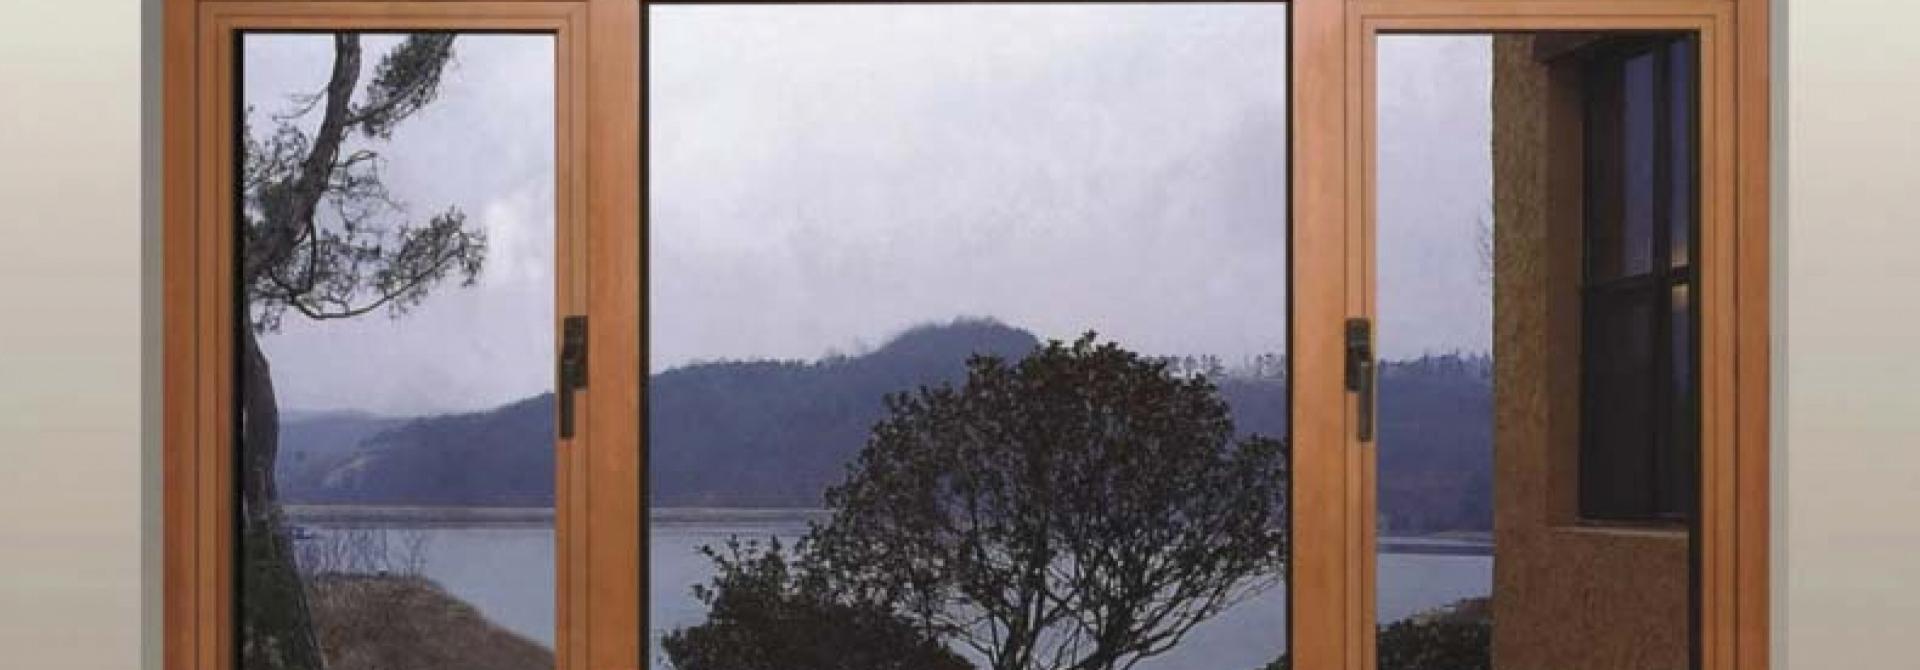 Finestre bologna finestre in legno pvc alliminio legno for Finestre su misura bricoman